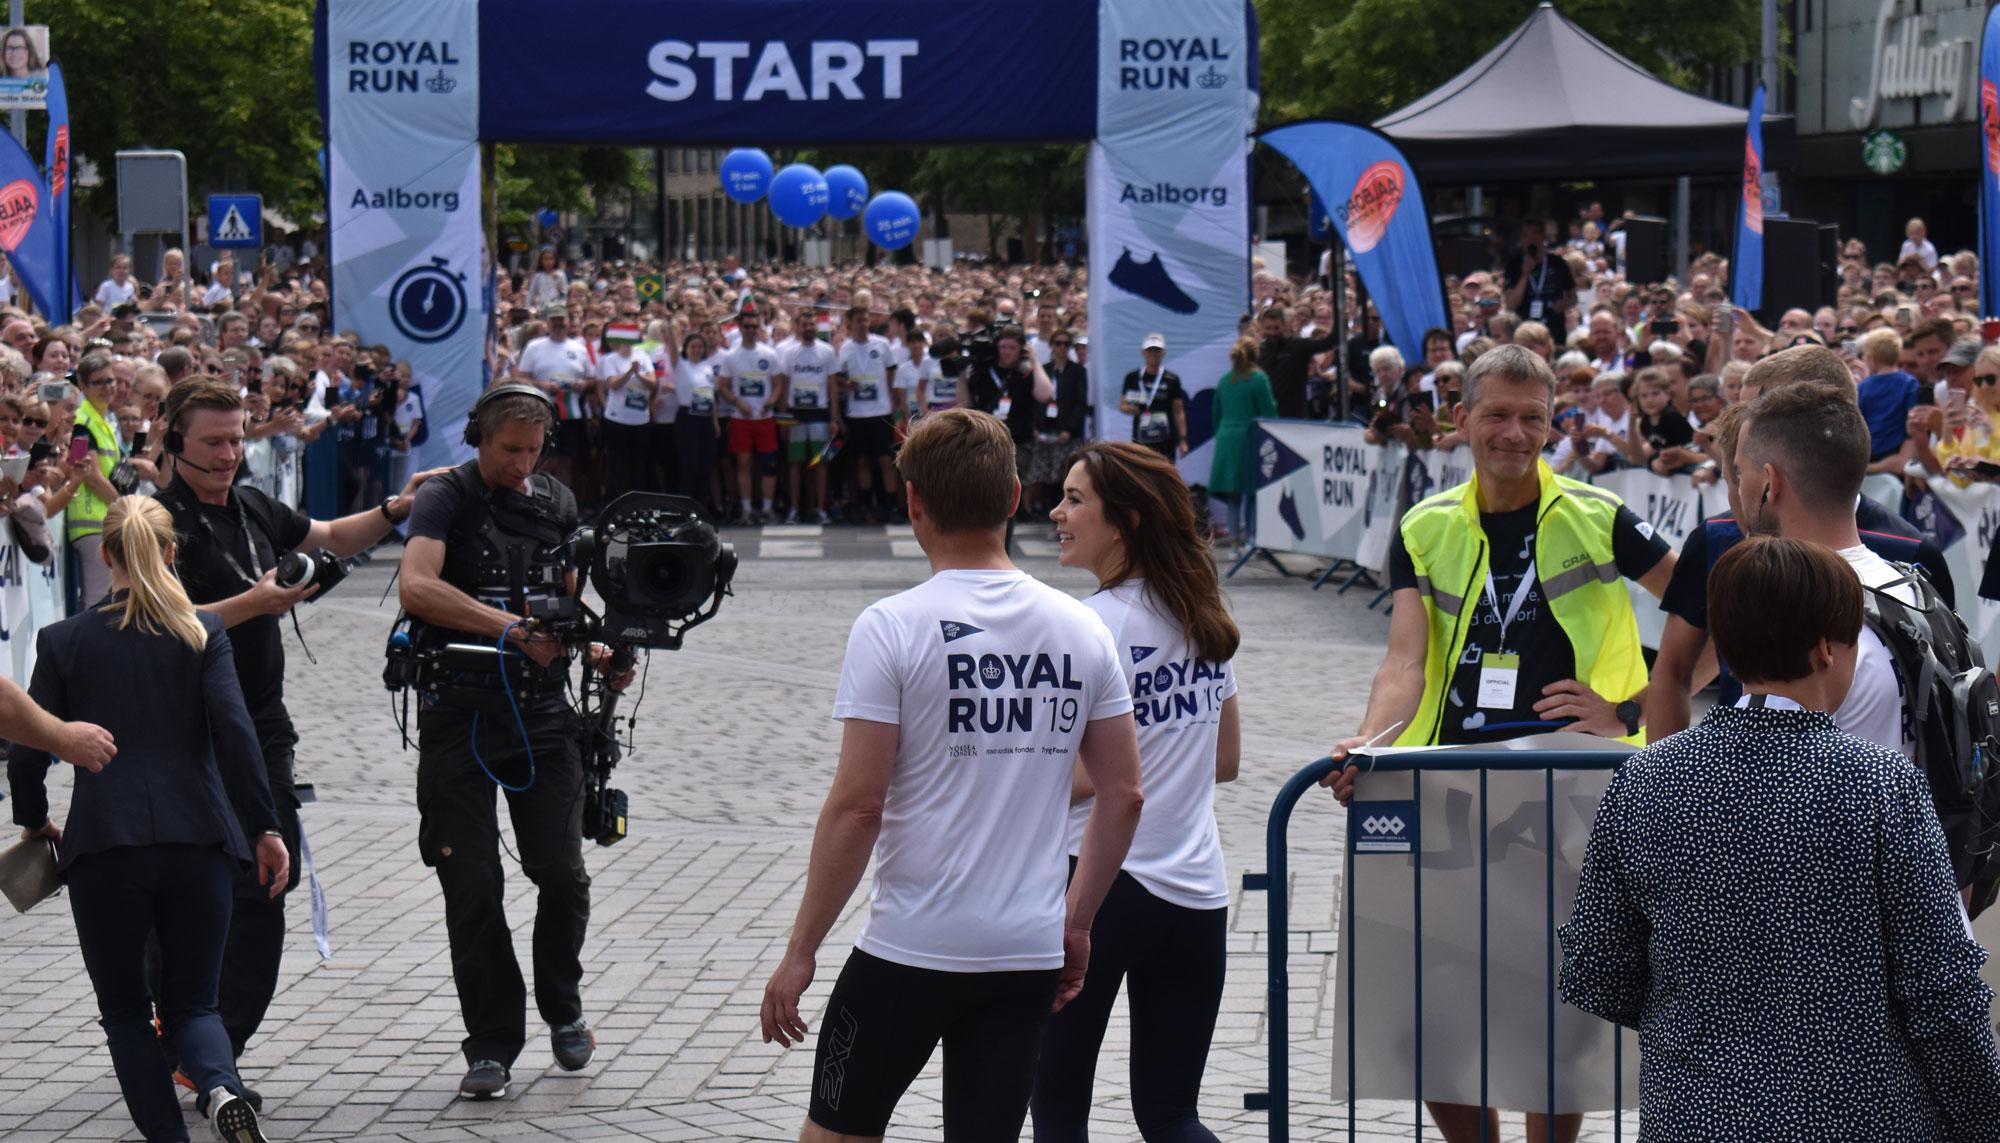 Royal Run i Aalborg: Sådan påvirker det trafikken